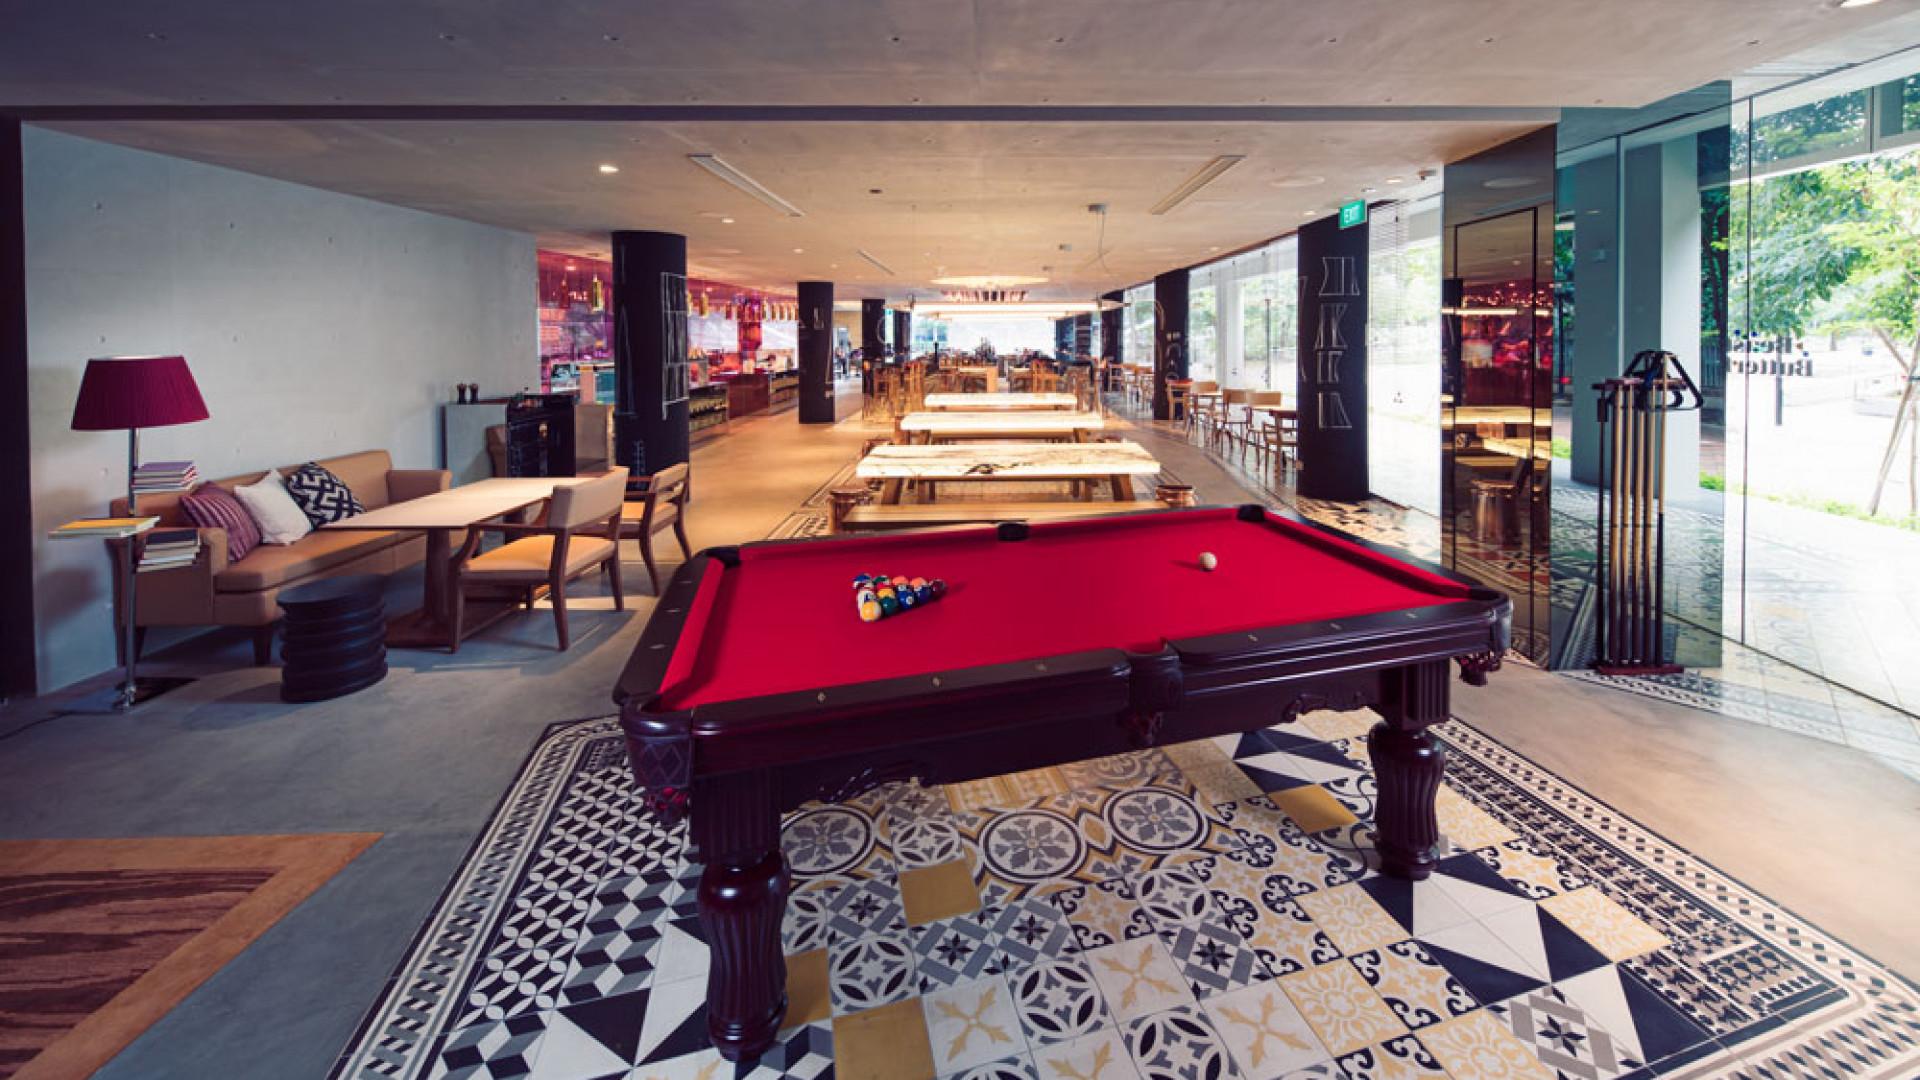 Lounge at M Social, Singapore